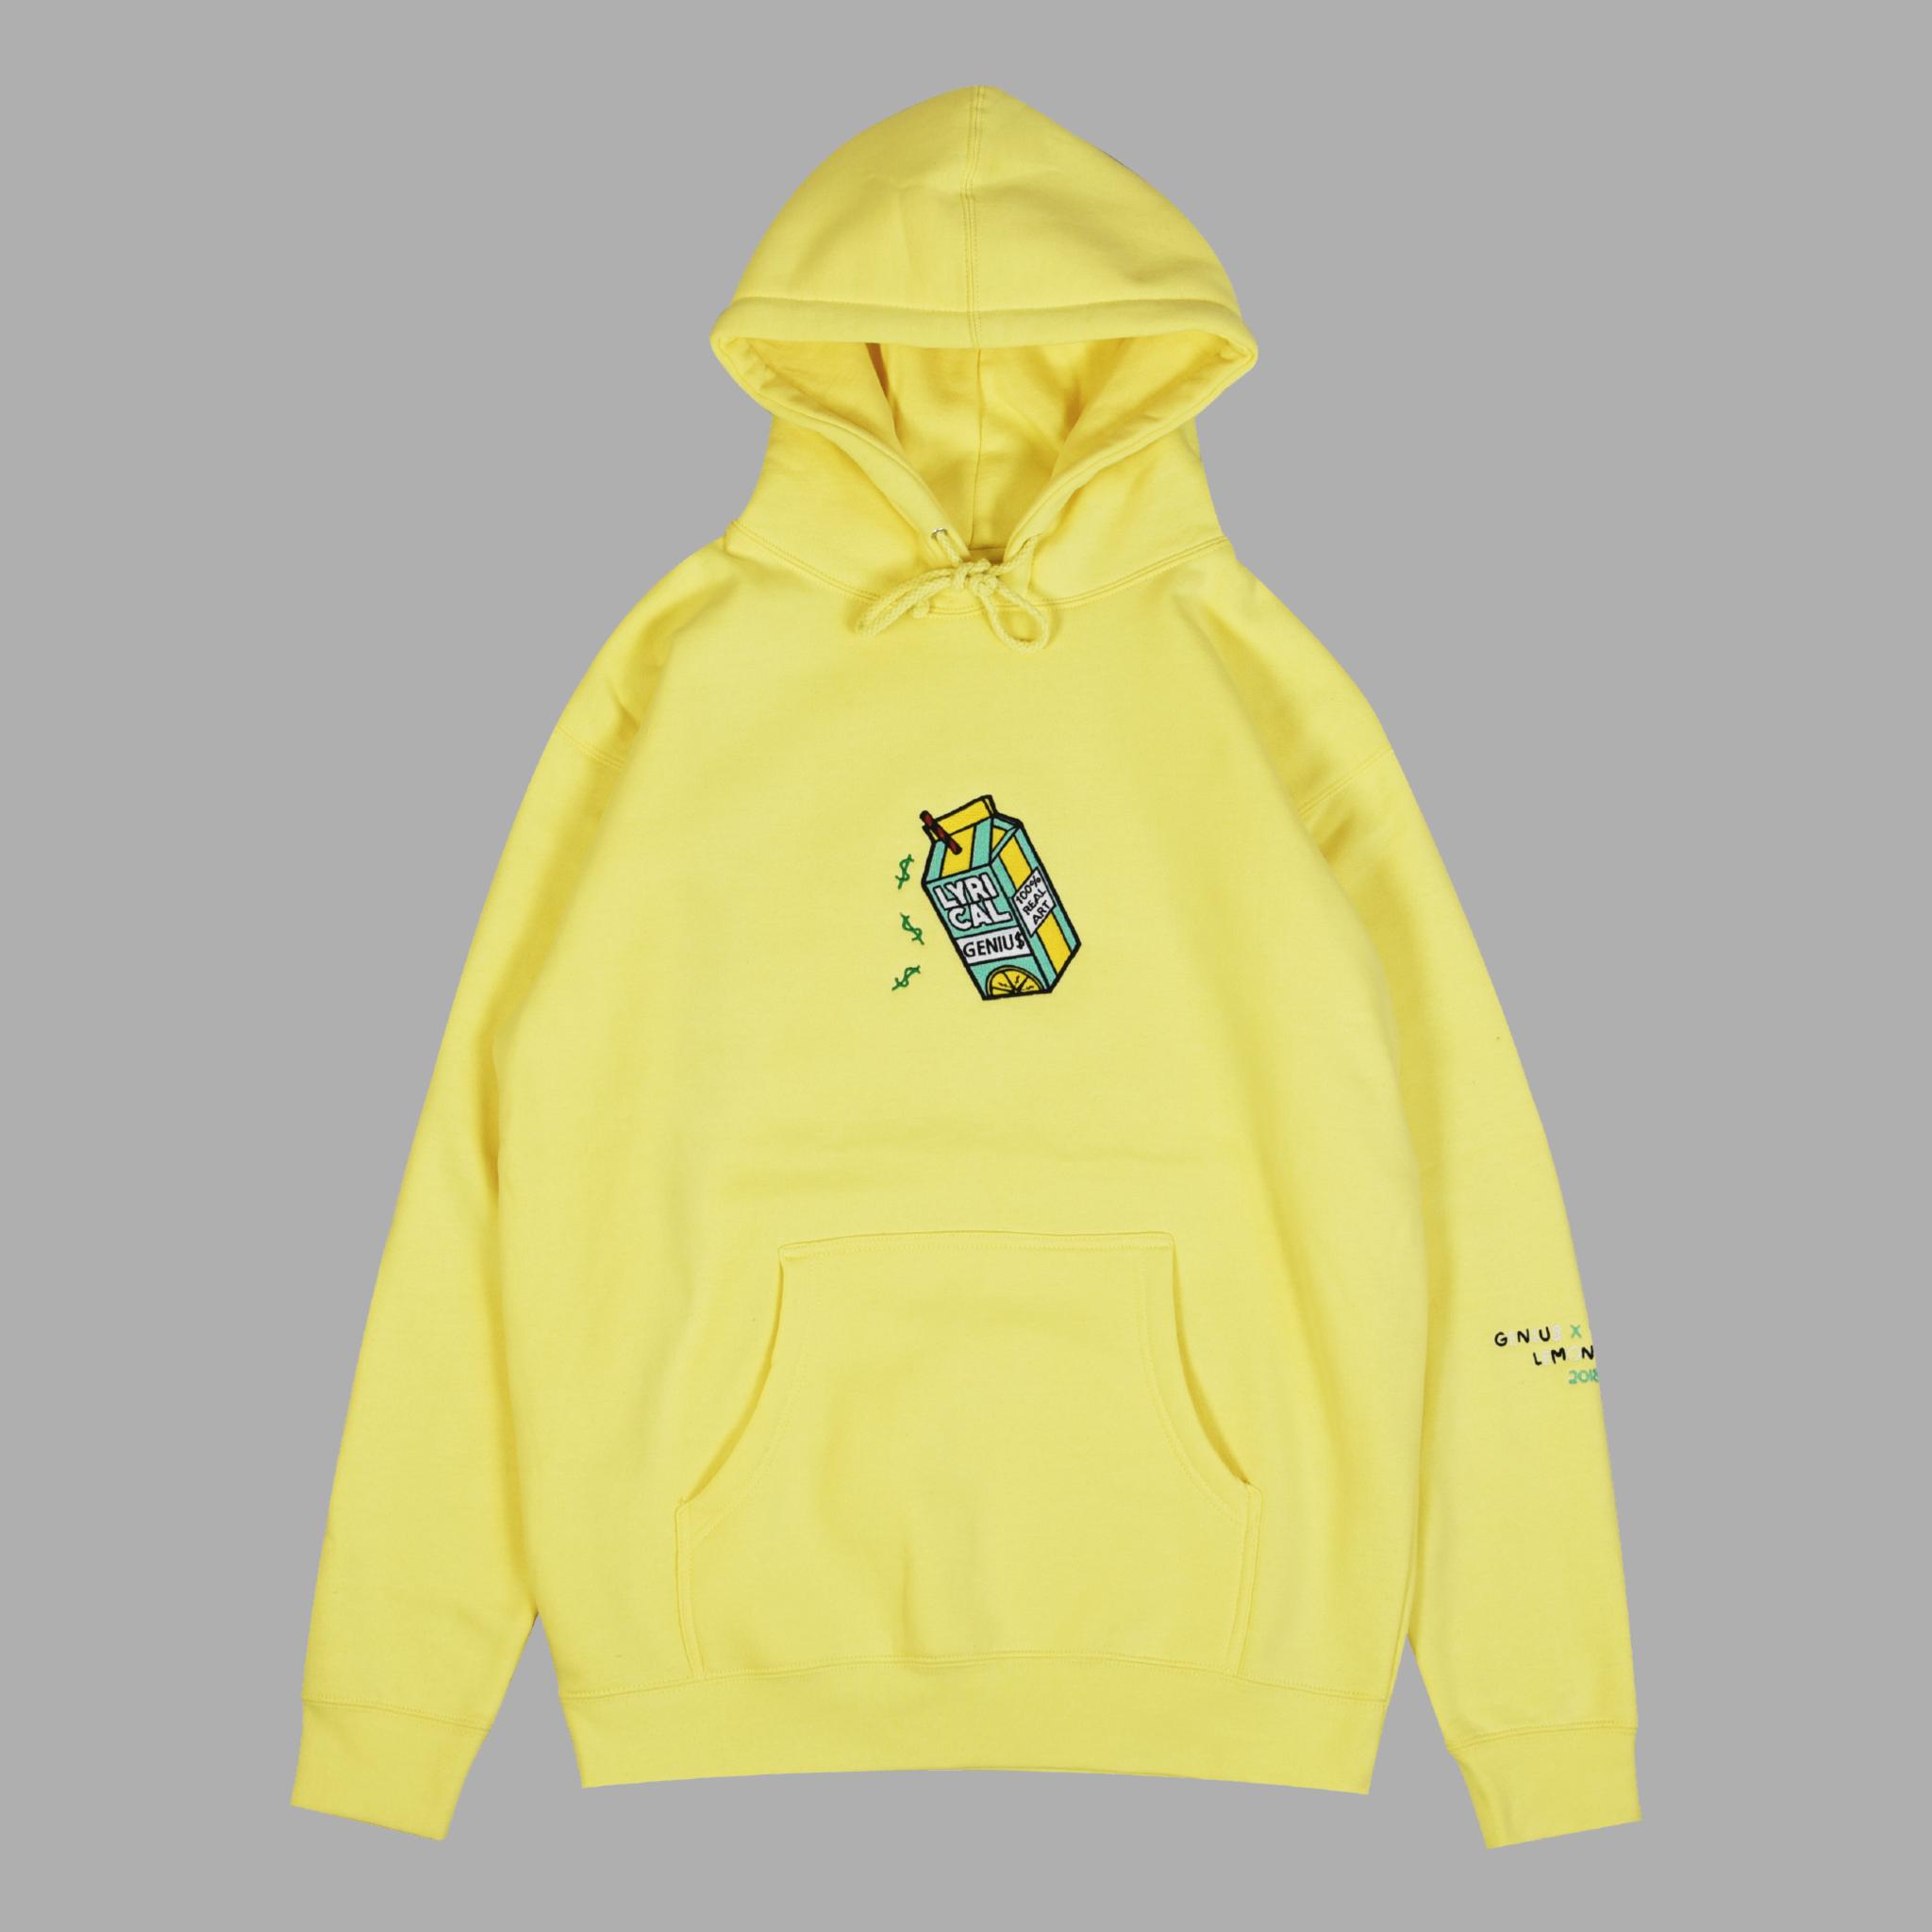 Genius x Lyrical Lemonade Hoodie Size L